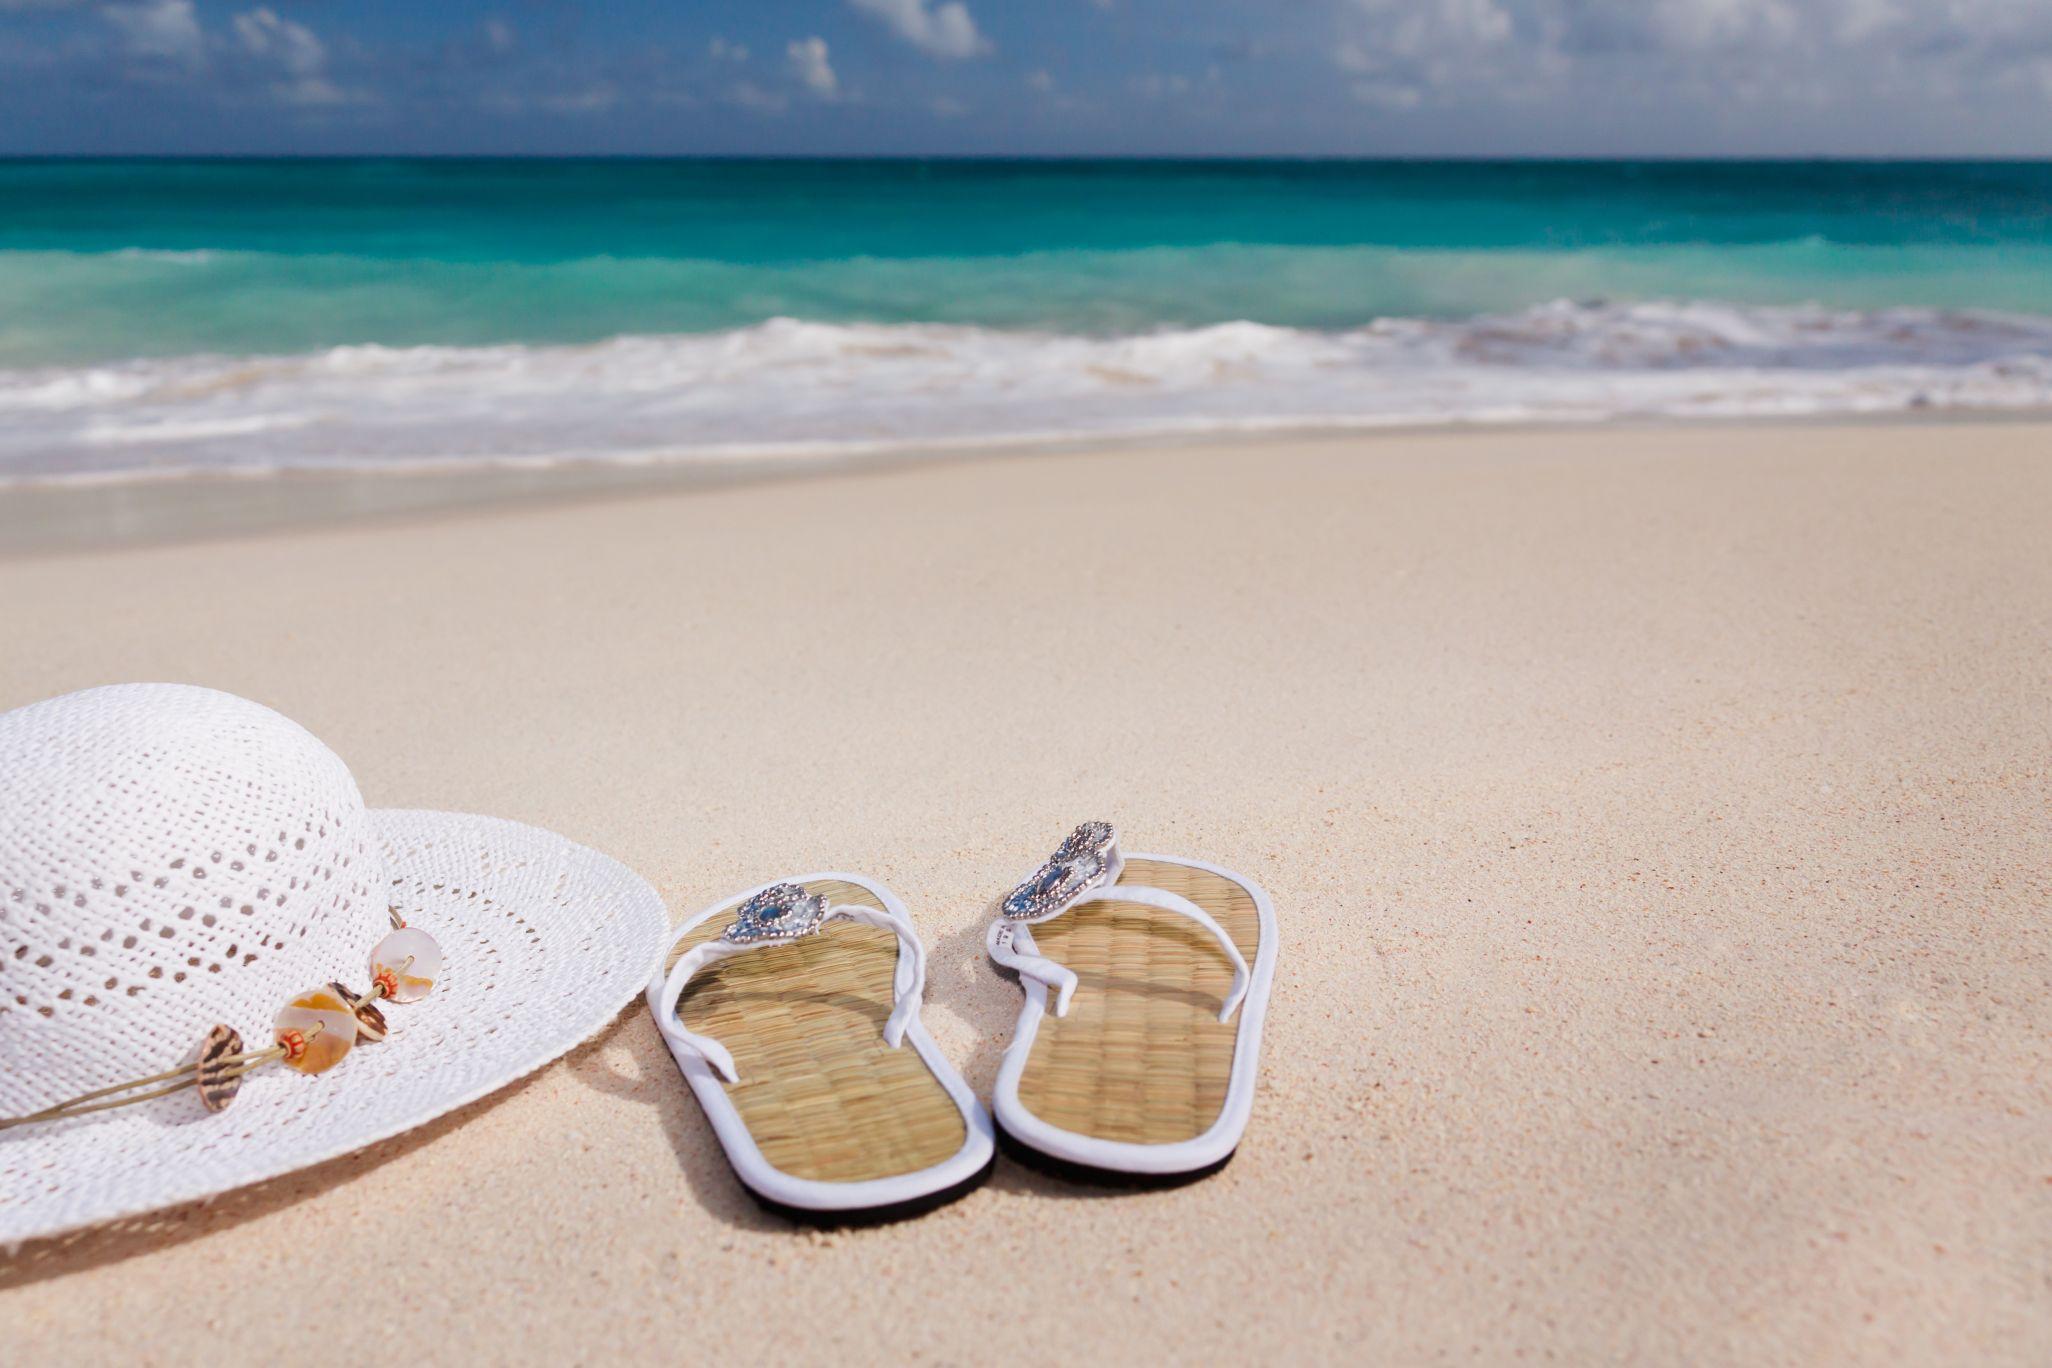 Plaj Çantası Nasıl Hazırlanır?